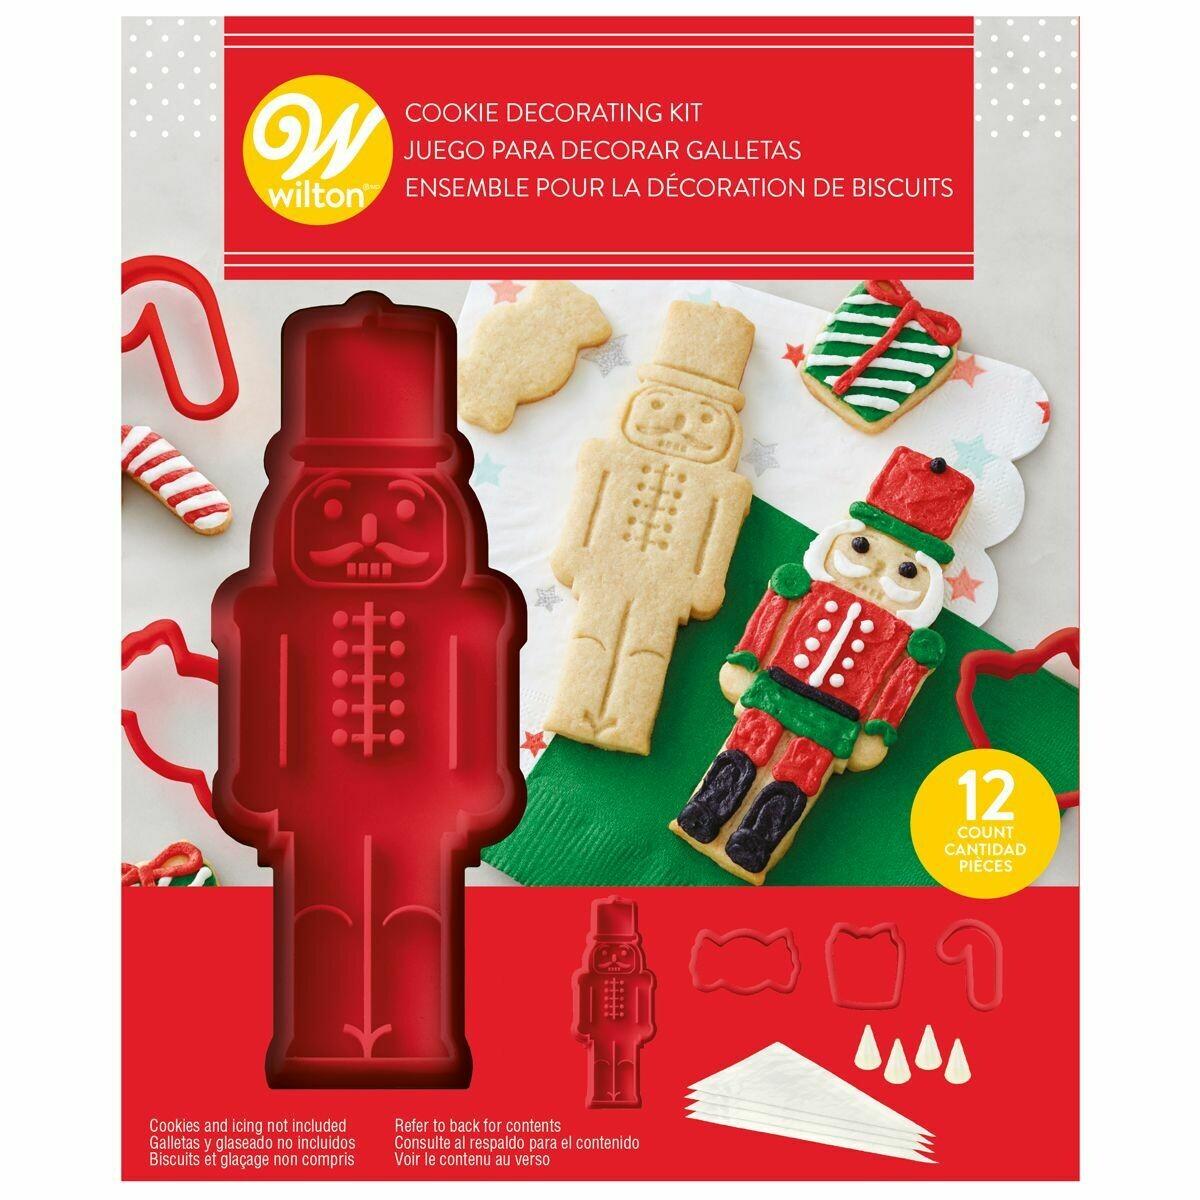 Wilton Christmas Cookie Stamp Kit 'NUTCRACKER' - Χριστουγεννιάτικο σετ κατασκευής Μπισκότων